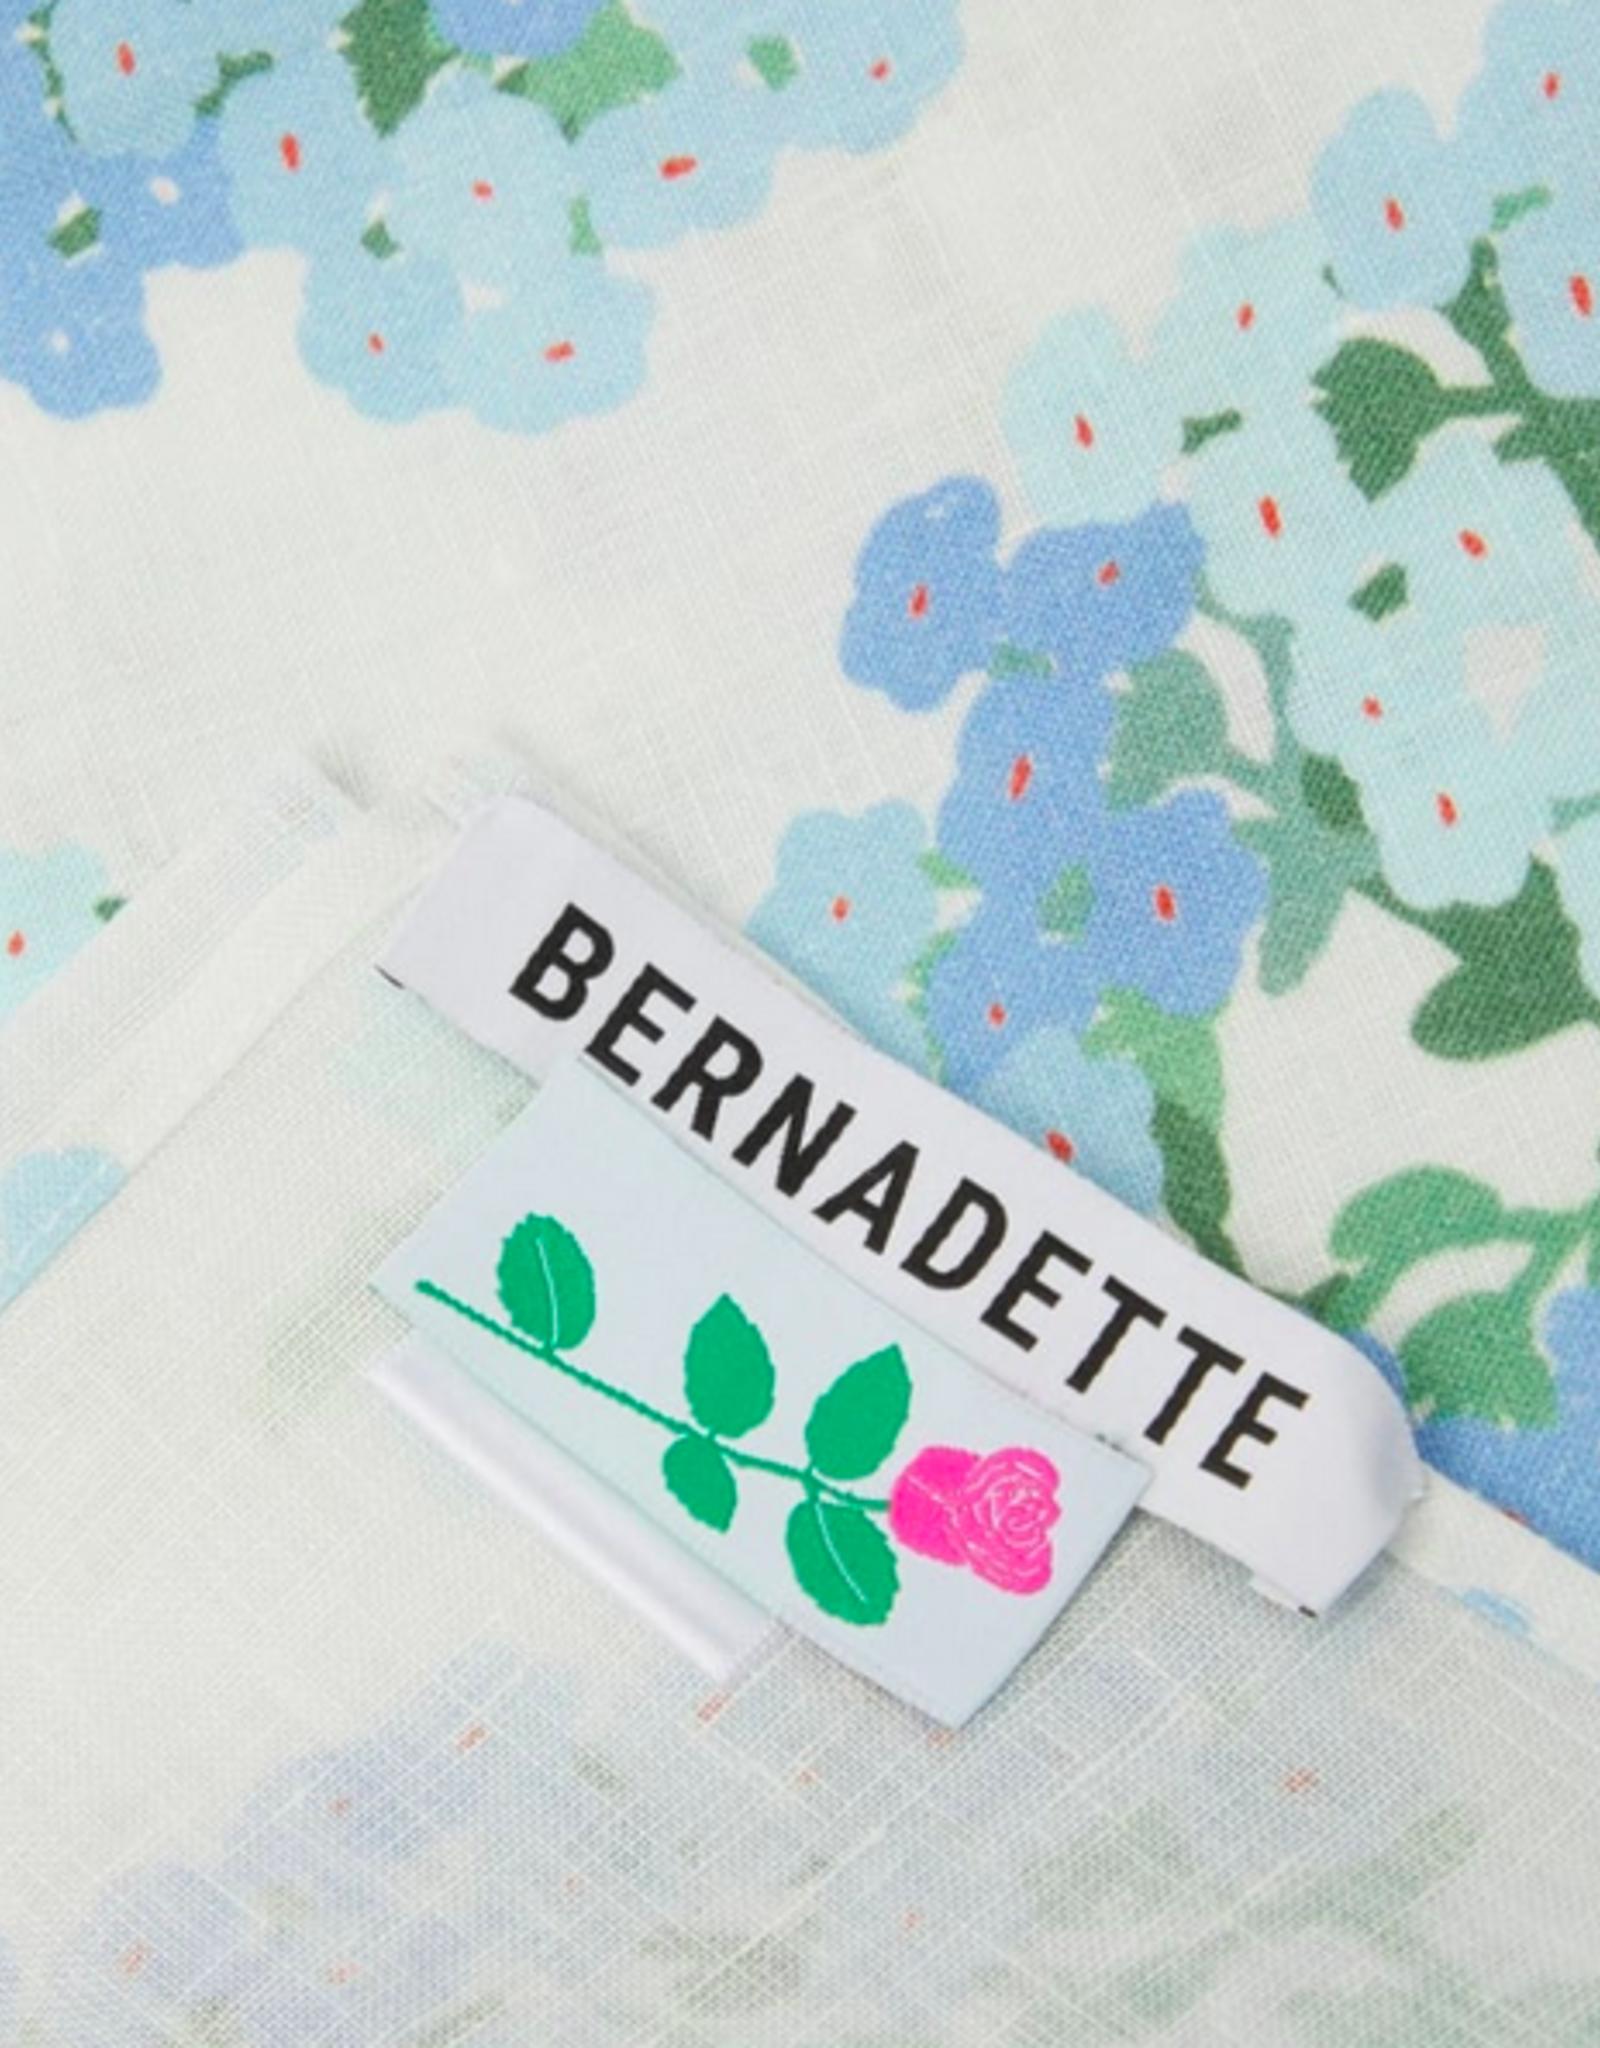 Bernadette Bernadette Tablecloth blue hortensia